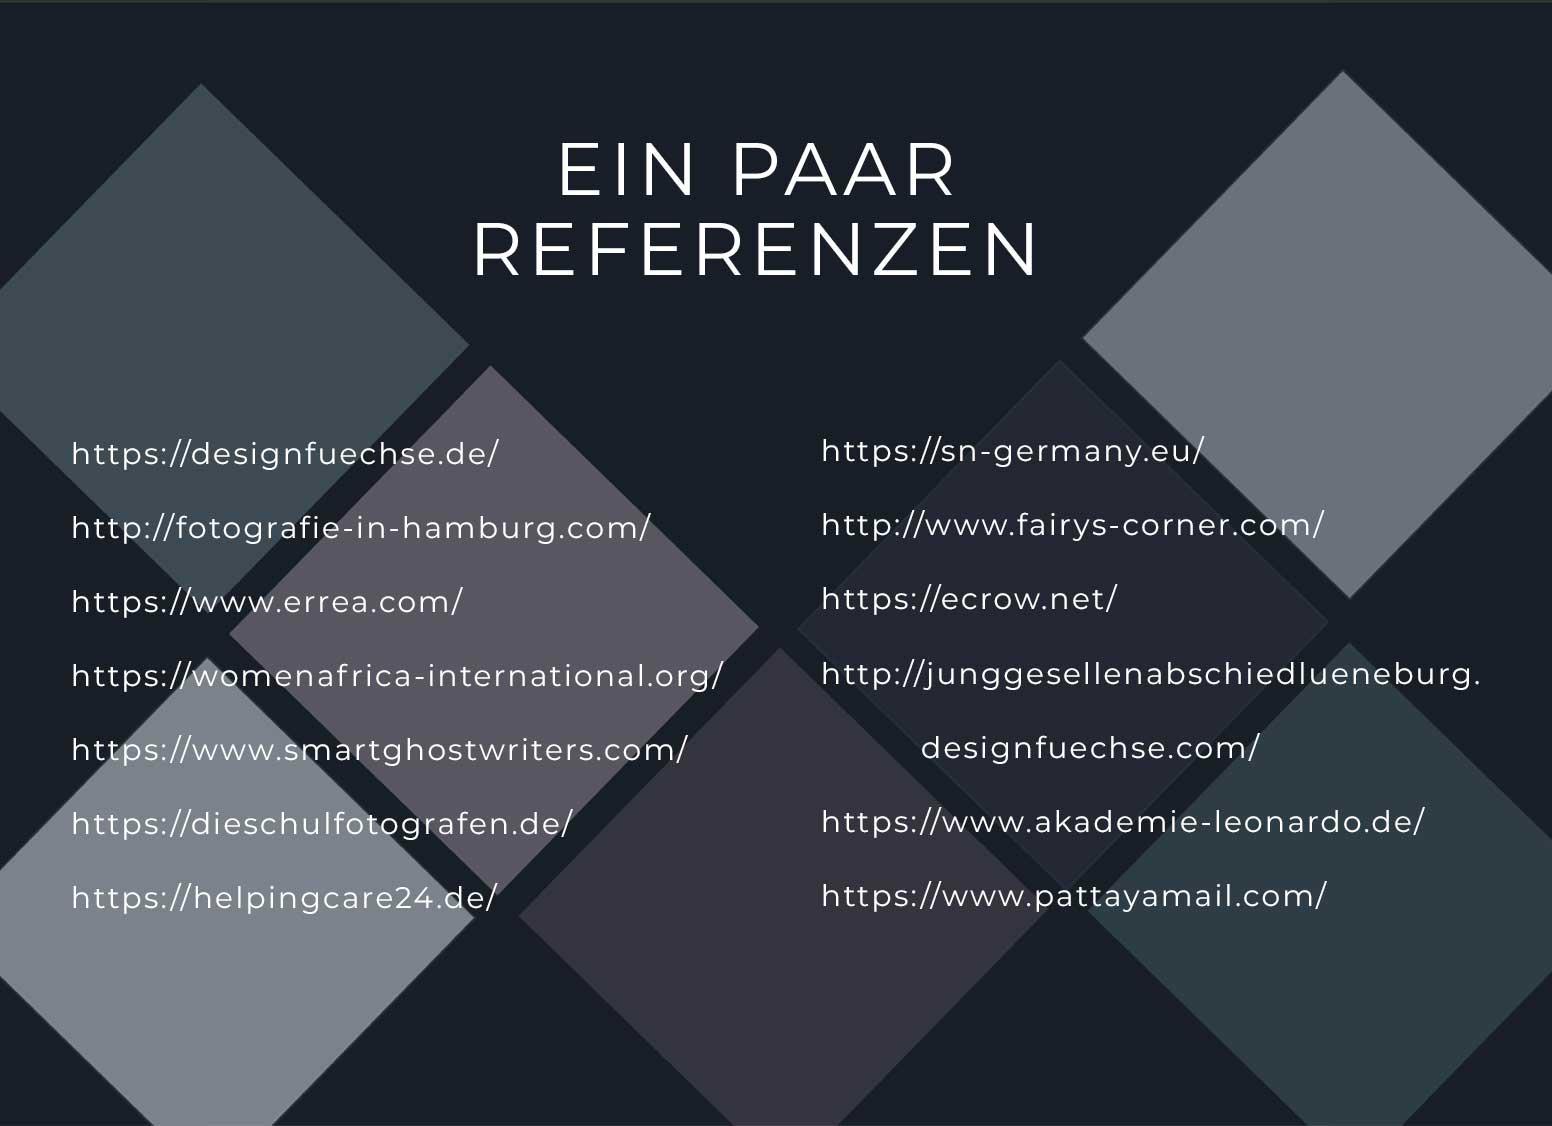 Portfolio-Designfuechse-Referenzen